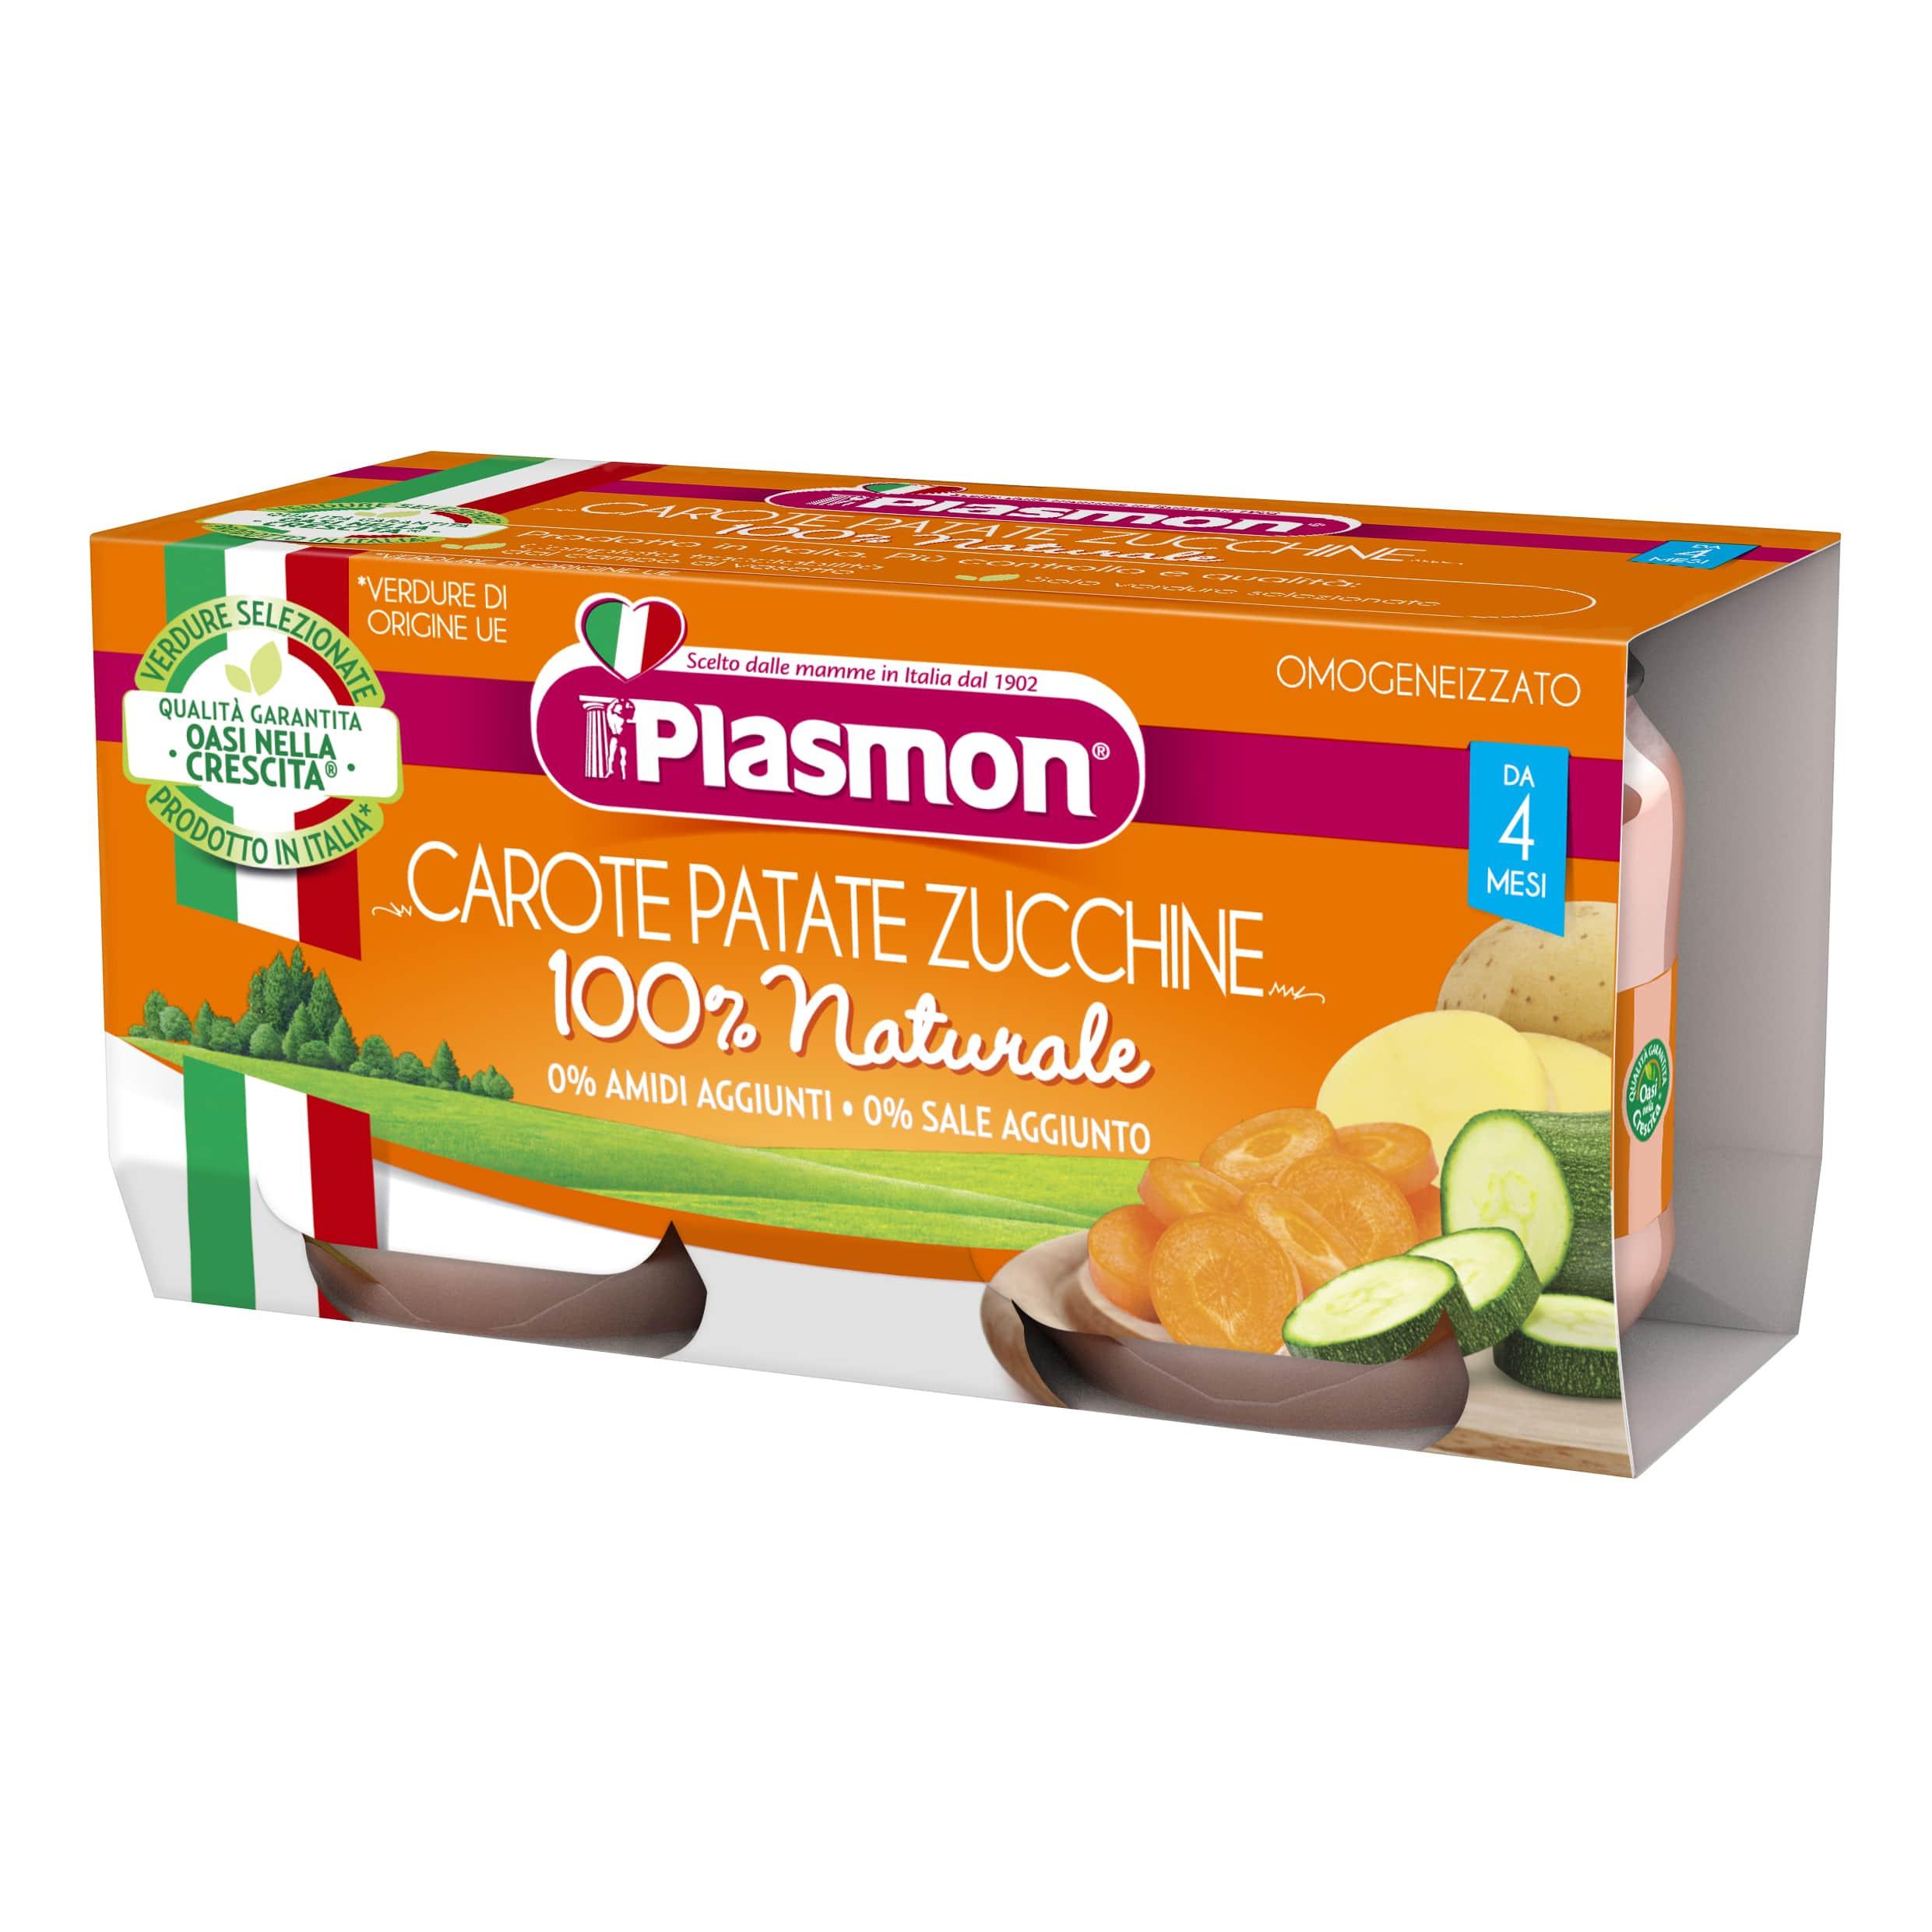 Omogeneizzato Carote, Patate e Zucchine Plasmon